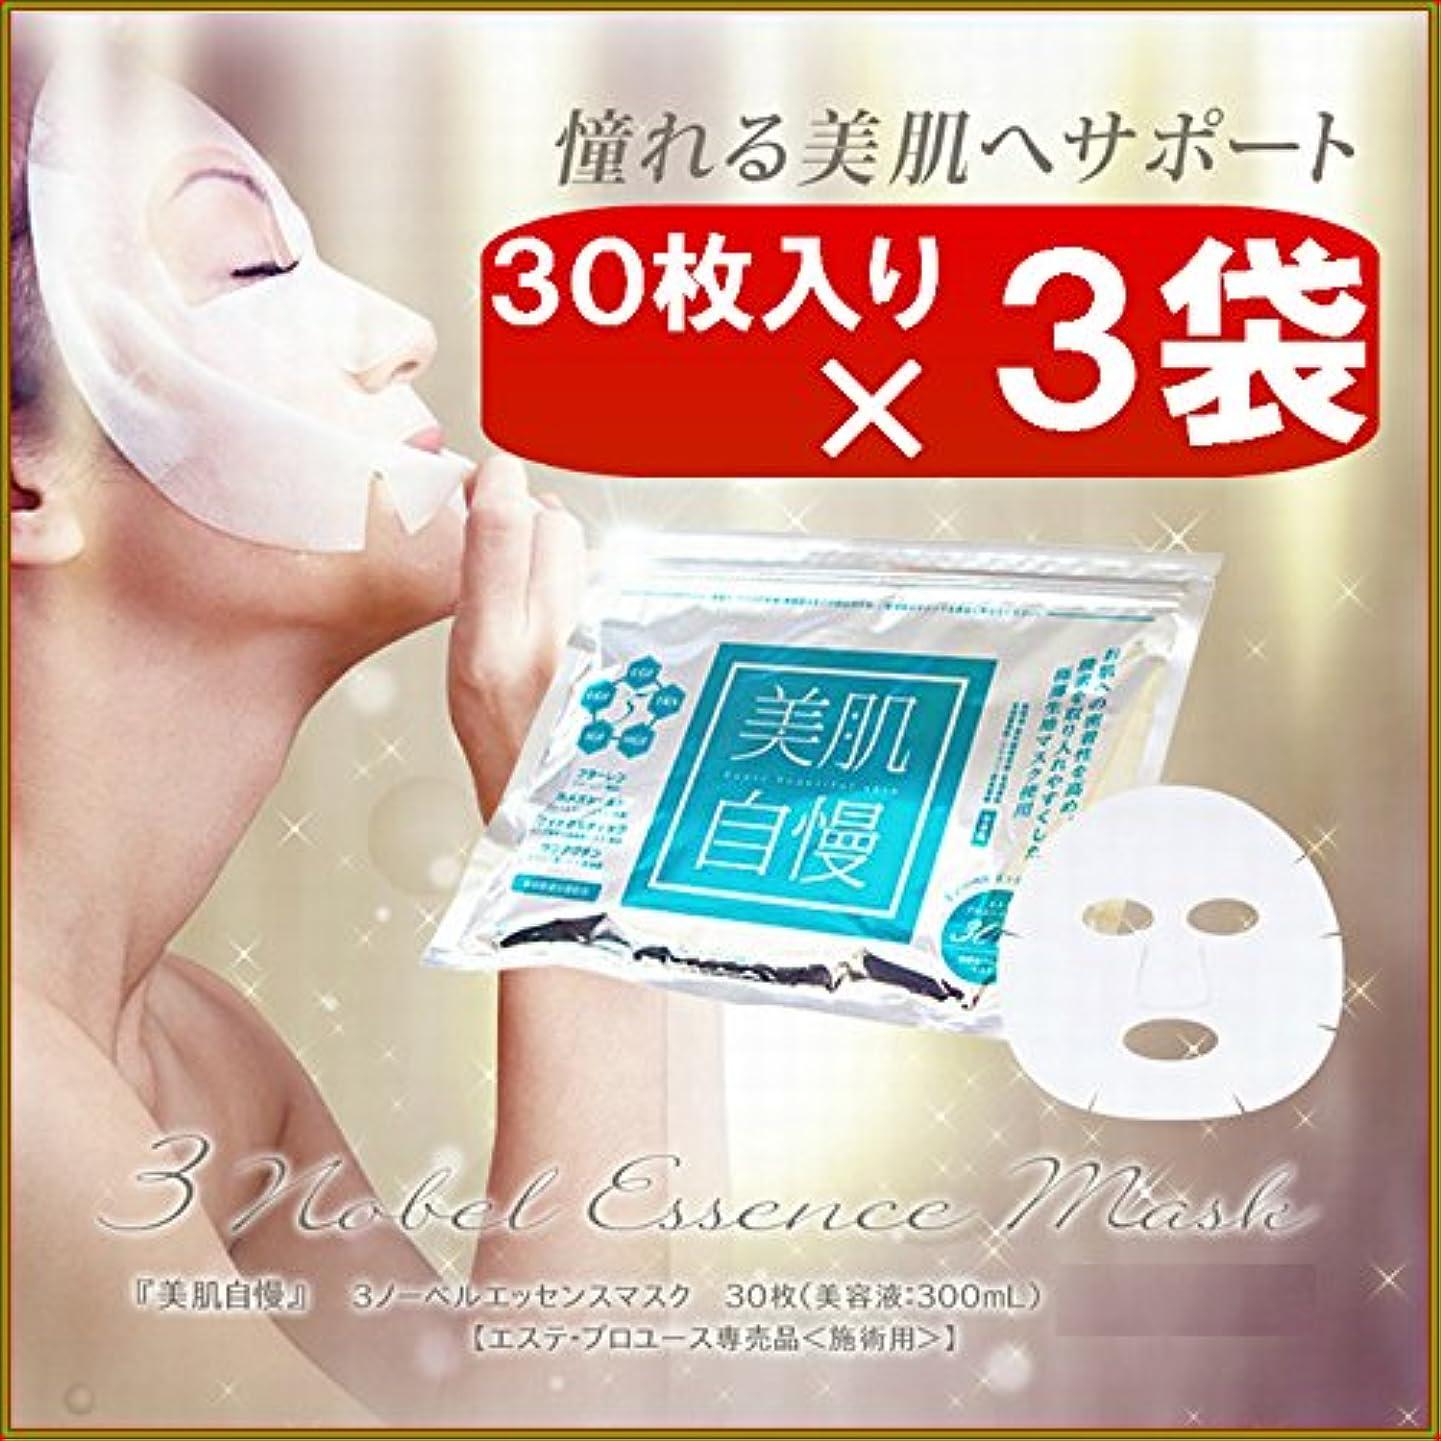 リーチ芸術荒れ地美肌自慢フェイスマスク 30枚入り ×お得3袋セット 《エッセンスマスク、EGF、IGF、ヒアルロン酸、プラセンタ、アルブチン、カタツムリエキス、しみ、しわ》